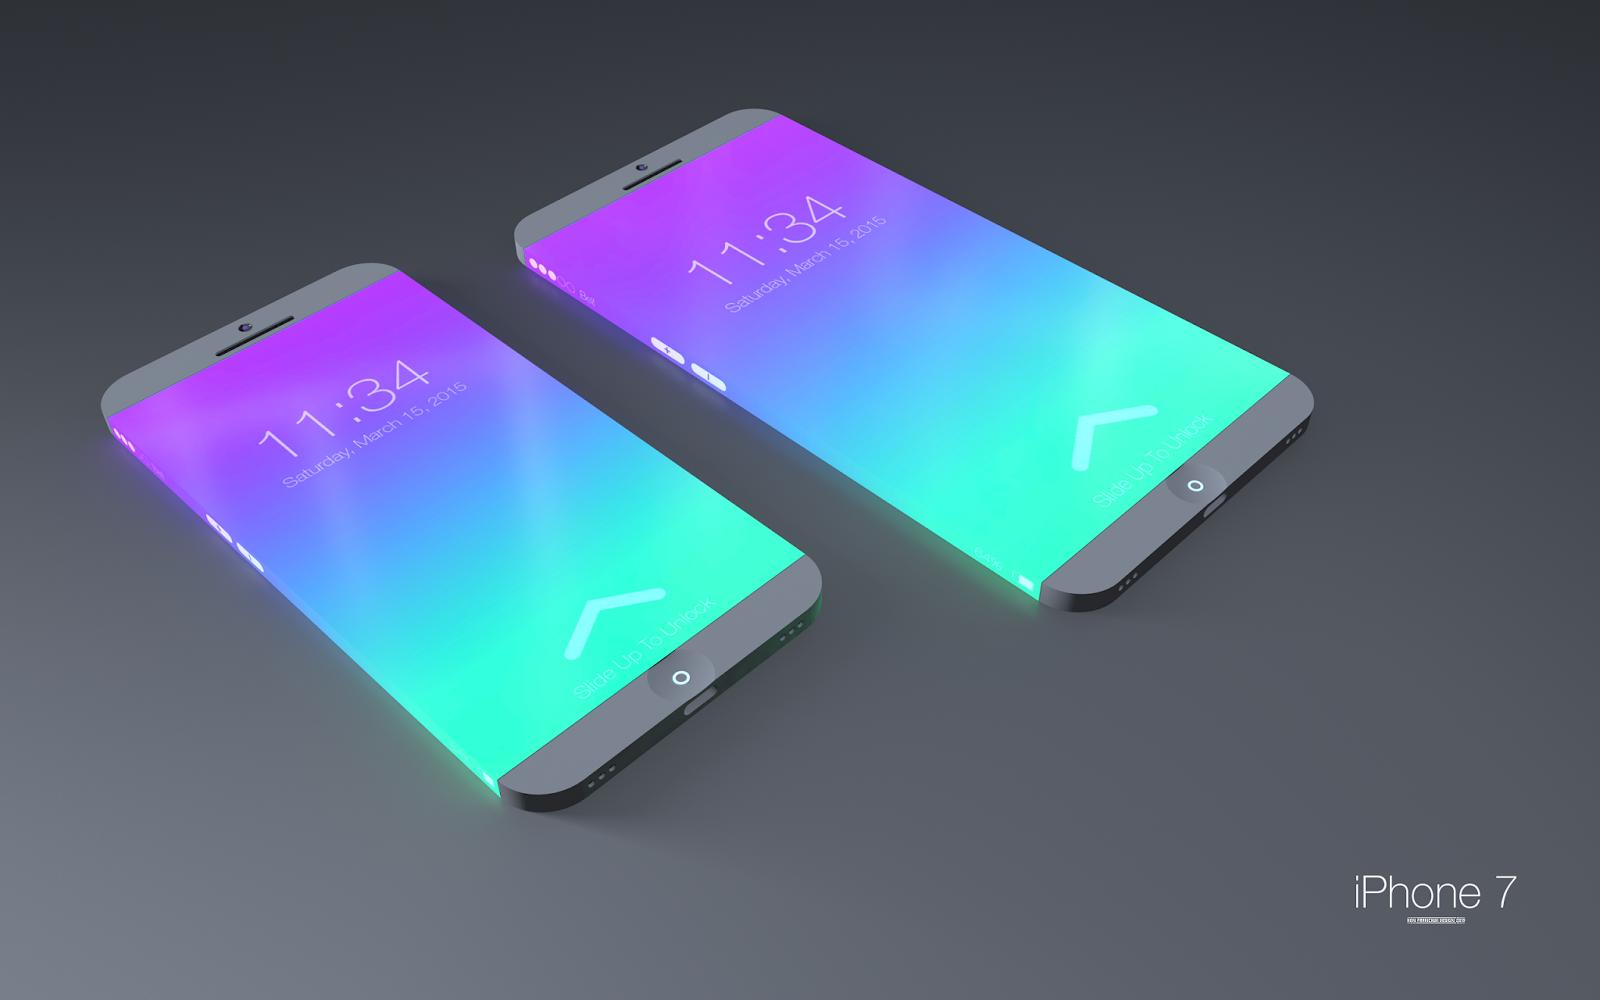 Iphone 7 design rumors